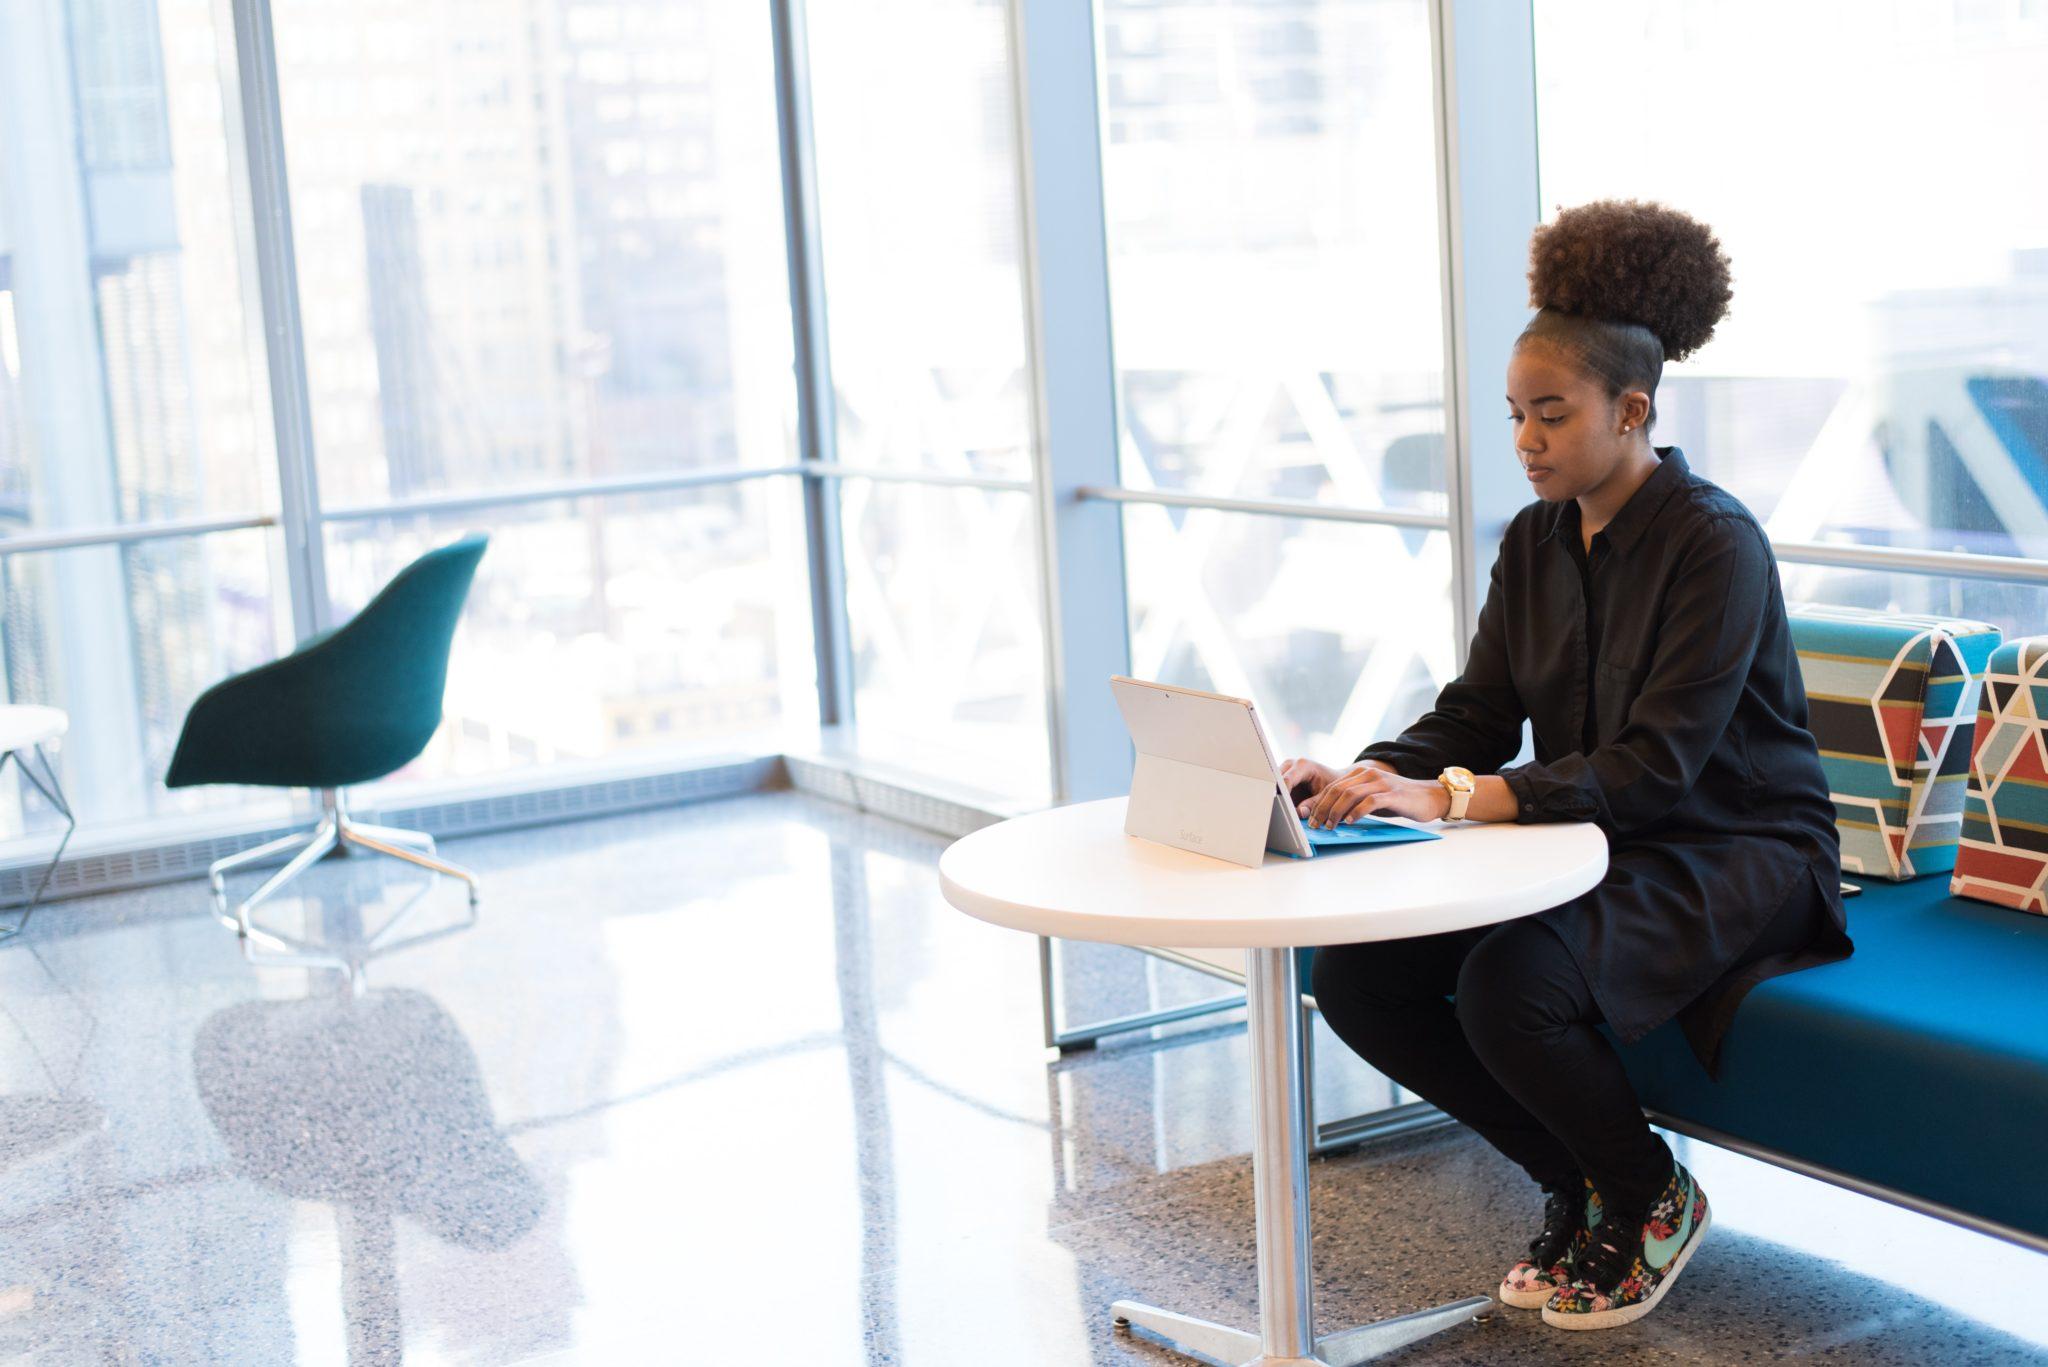 10 ventajas y desventajas de la terapia online